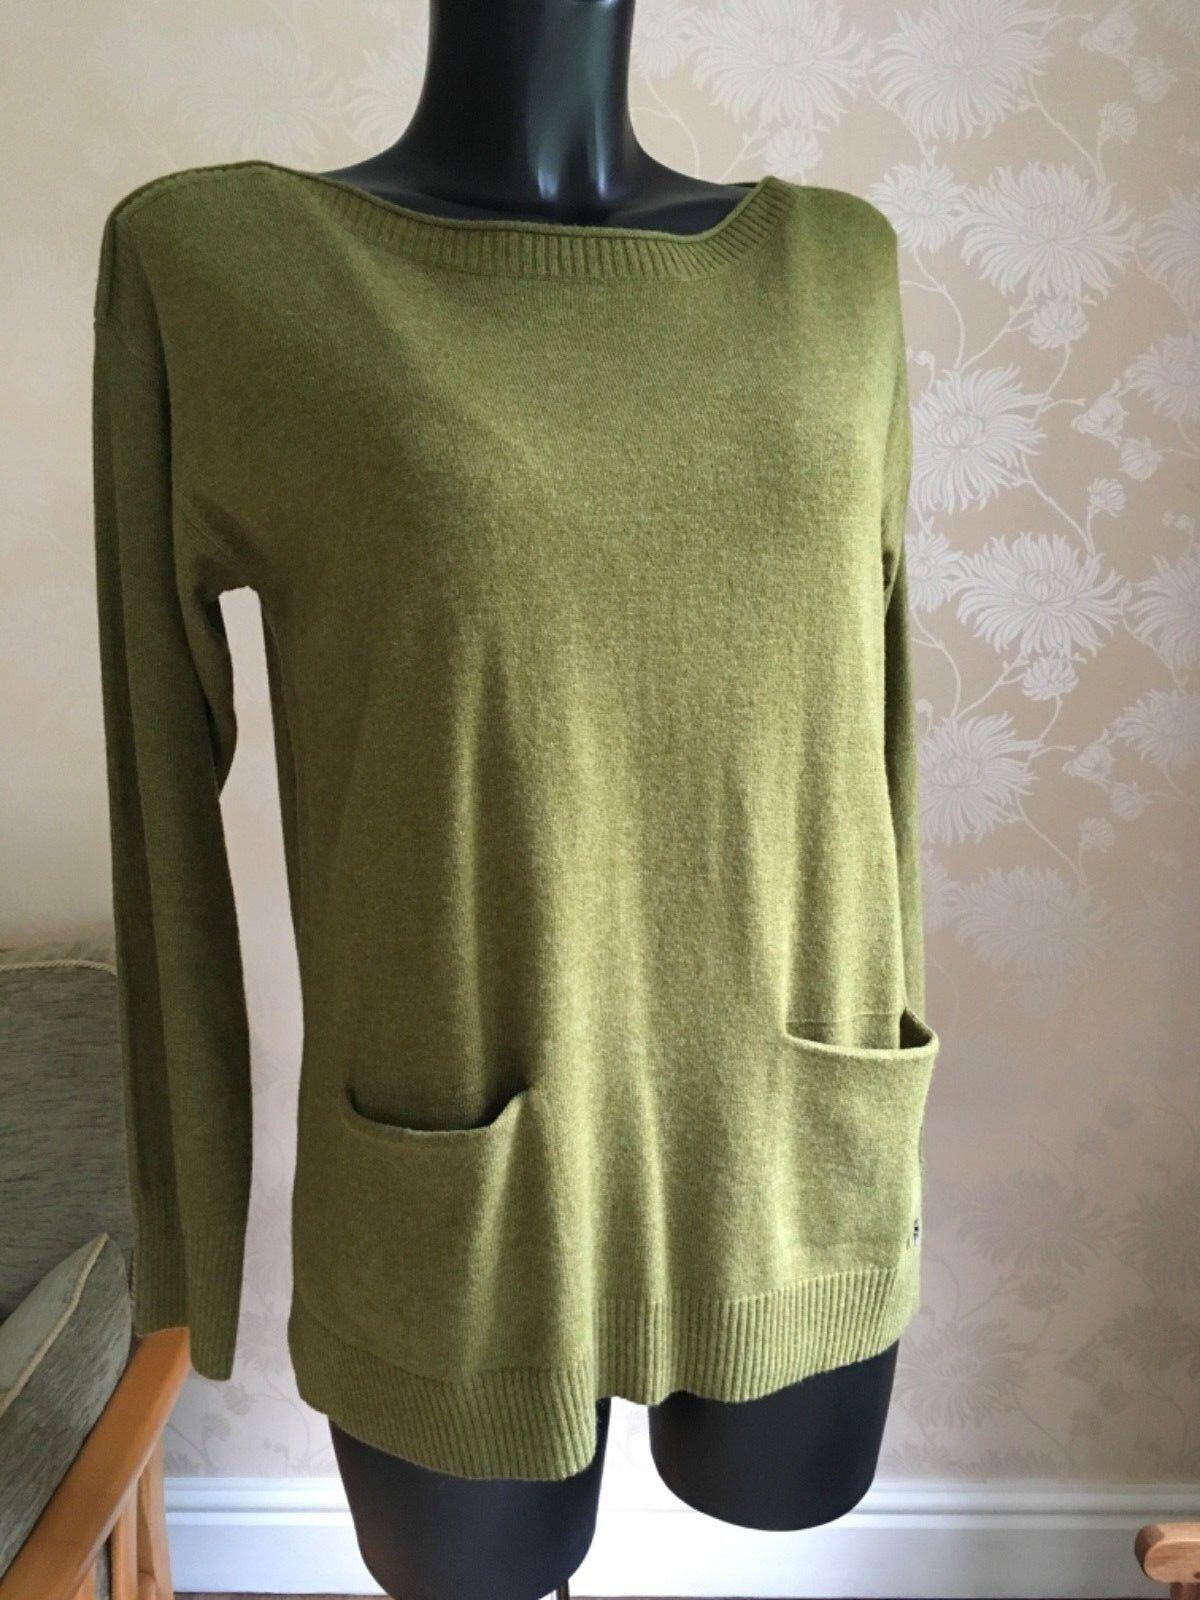 White Stuff Turmeric Green Soft Knit Top Jumper U.K. 12 14 Wool & Cashmere BNWT